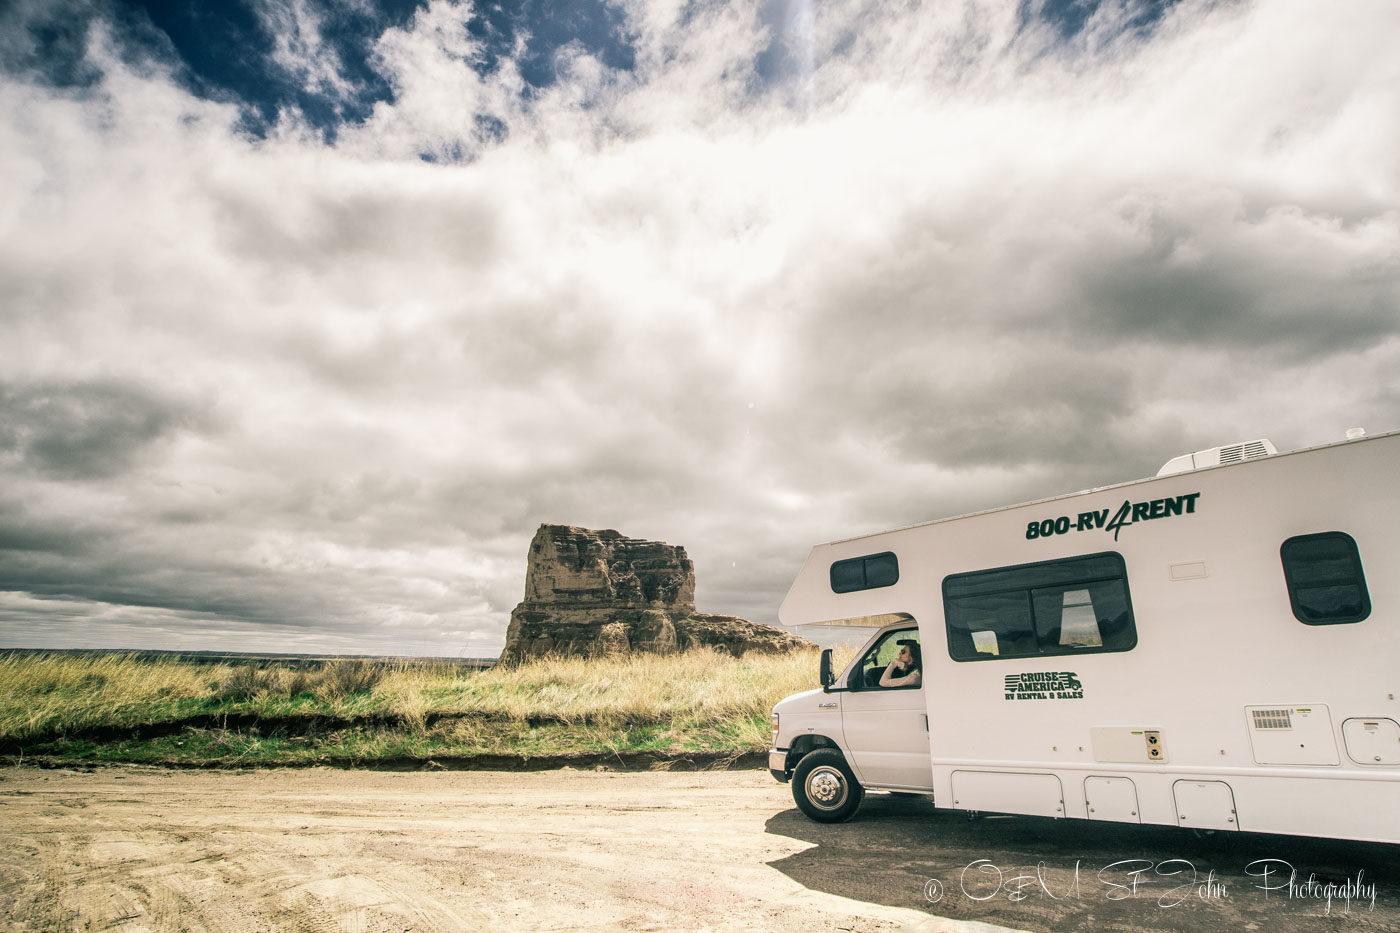 America RV road trip